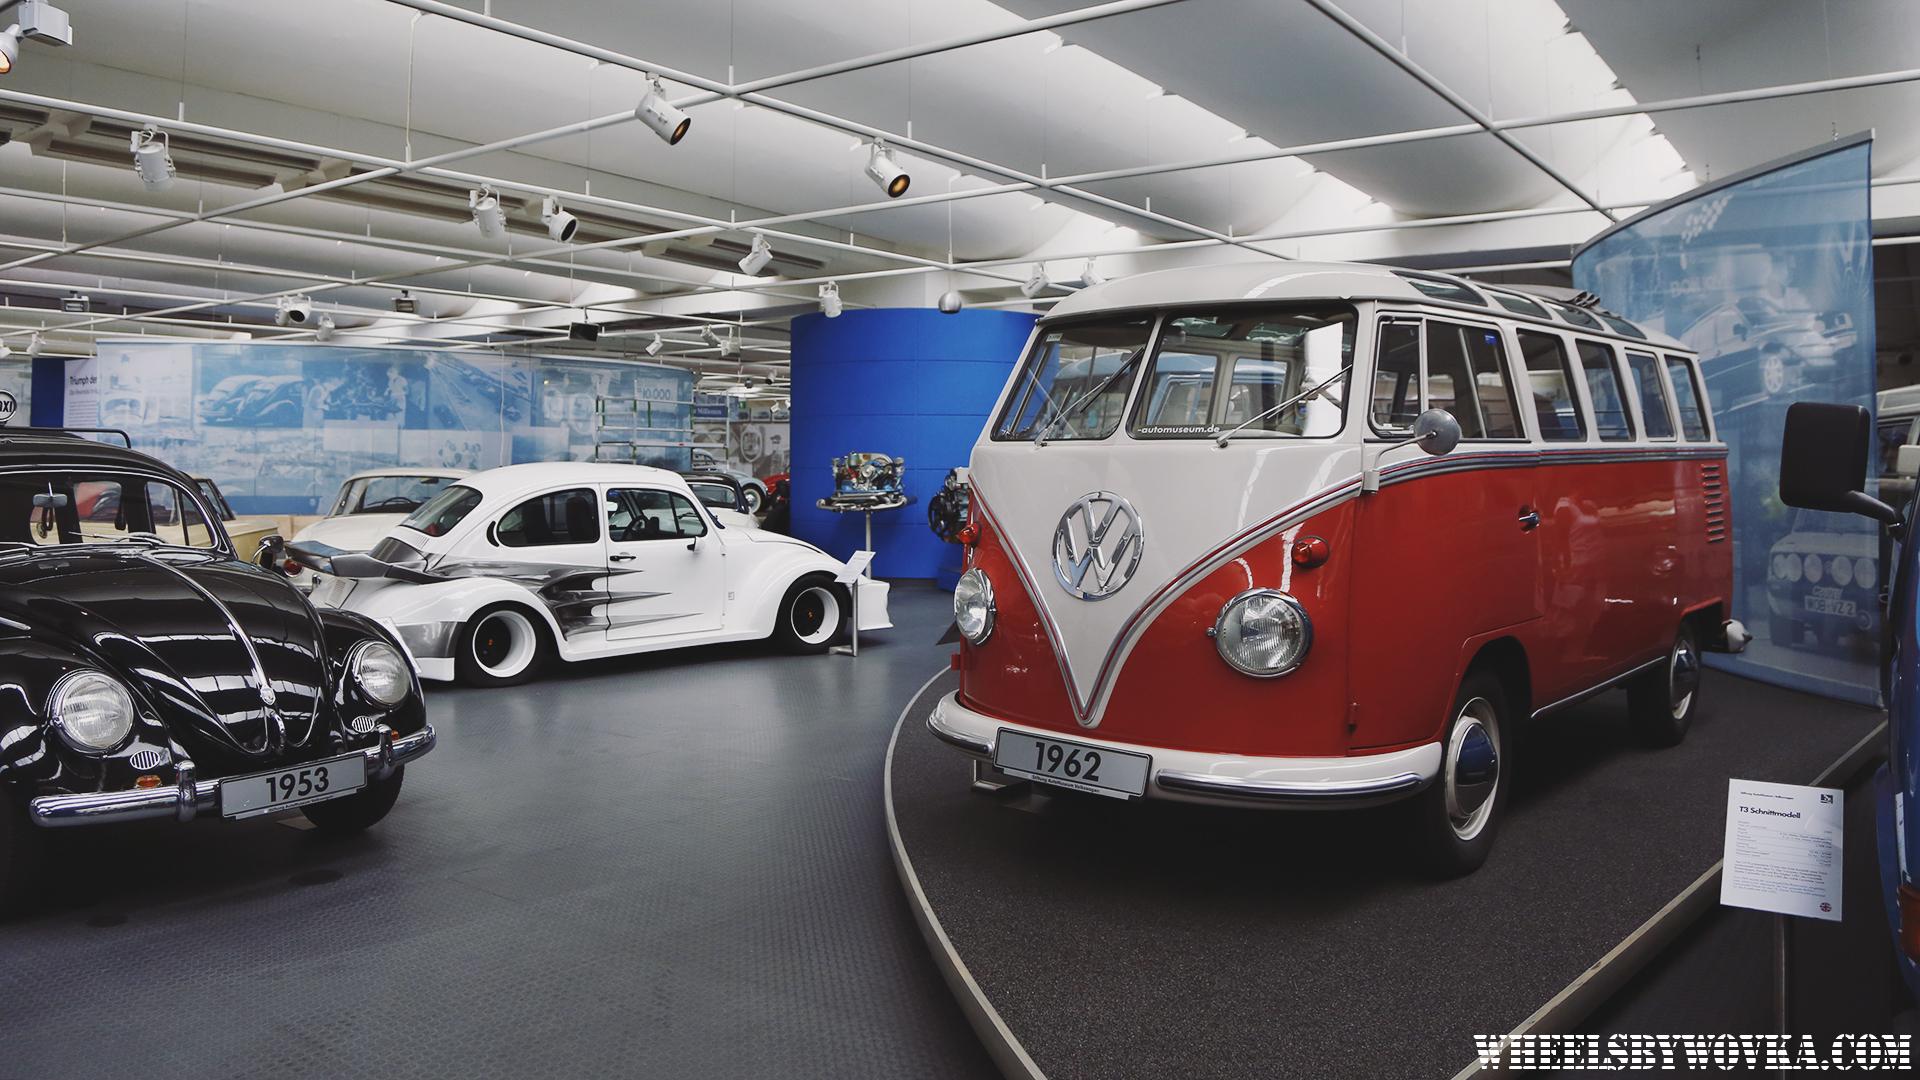 volkswagen-vw-museum-wolfsbourg-tour-by-wheelsbywovka-20